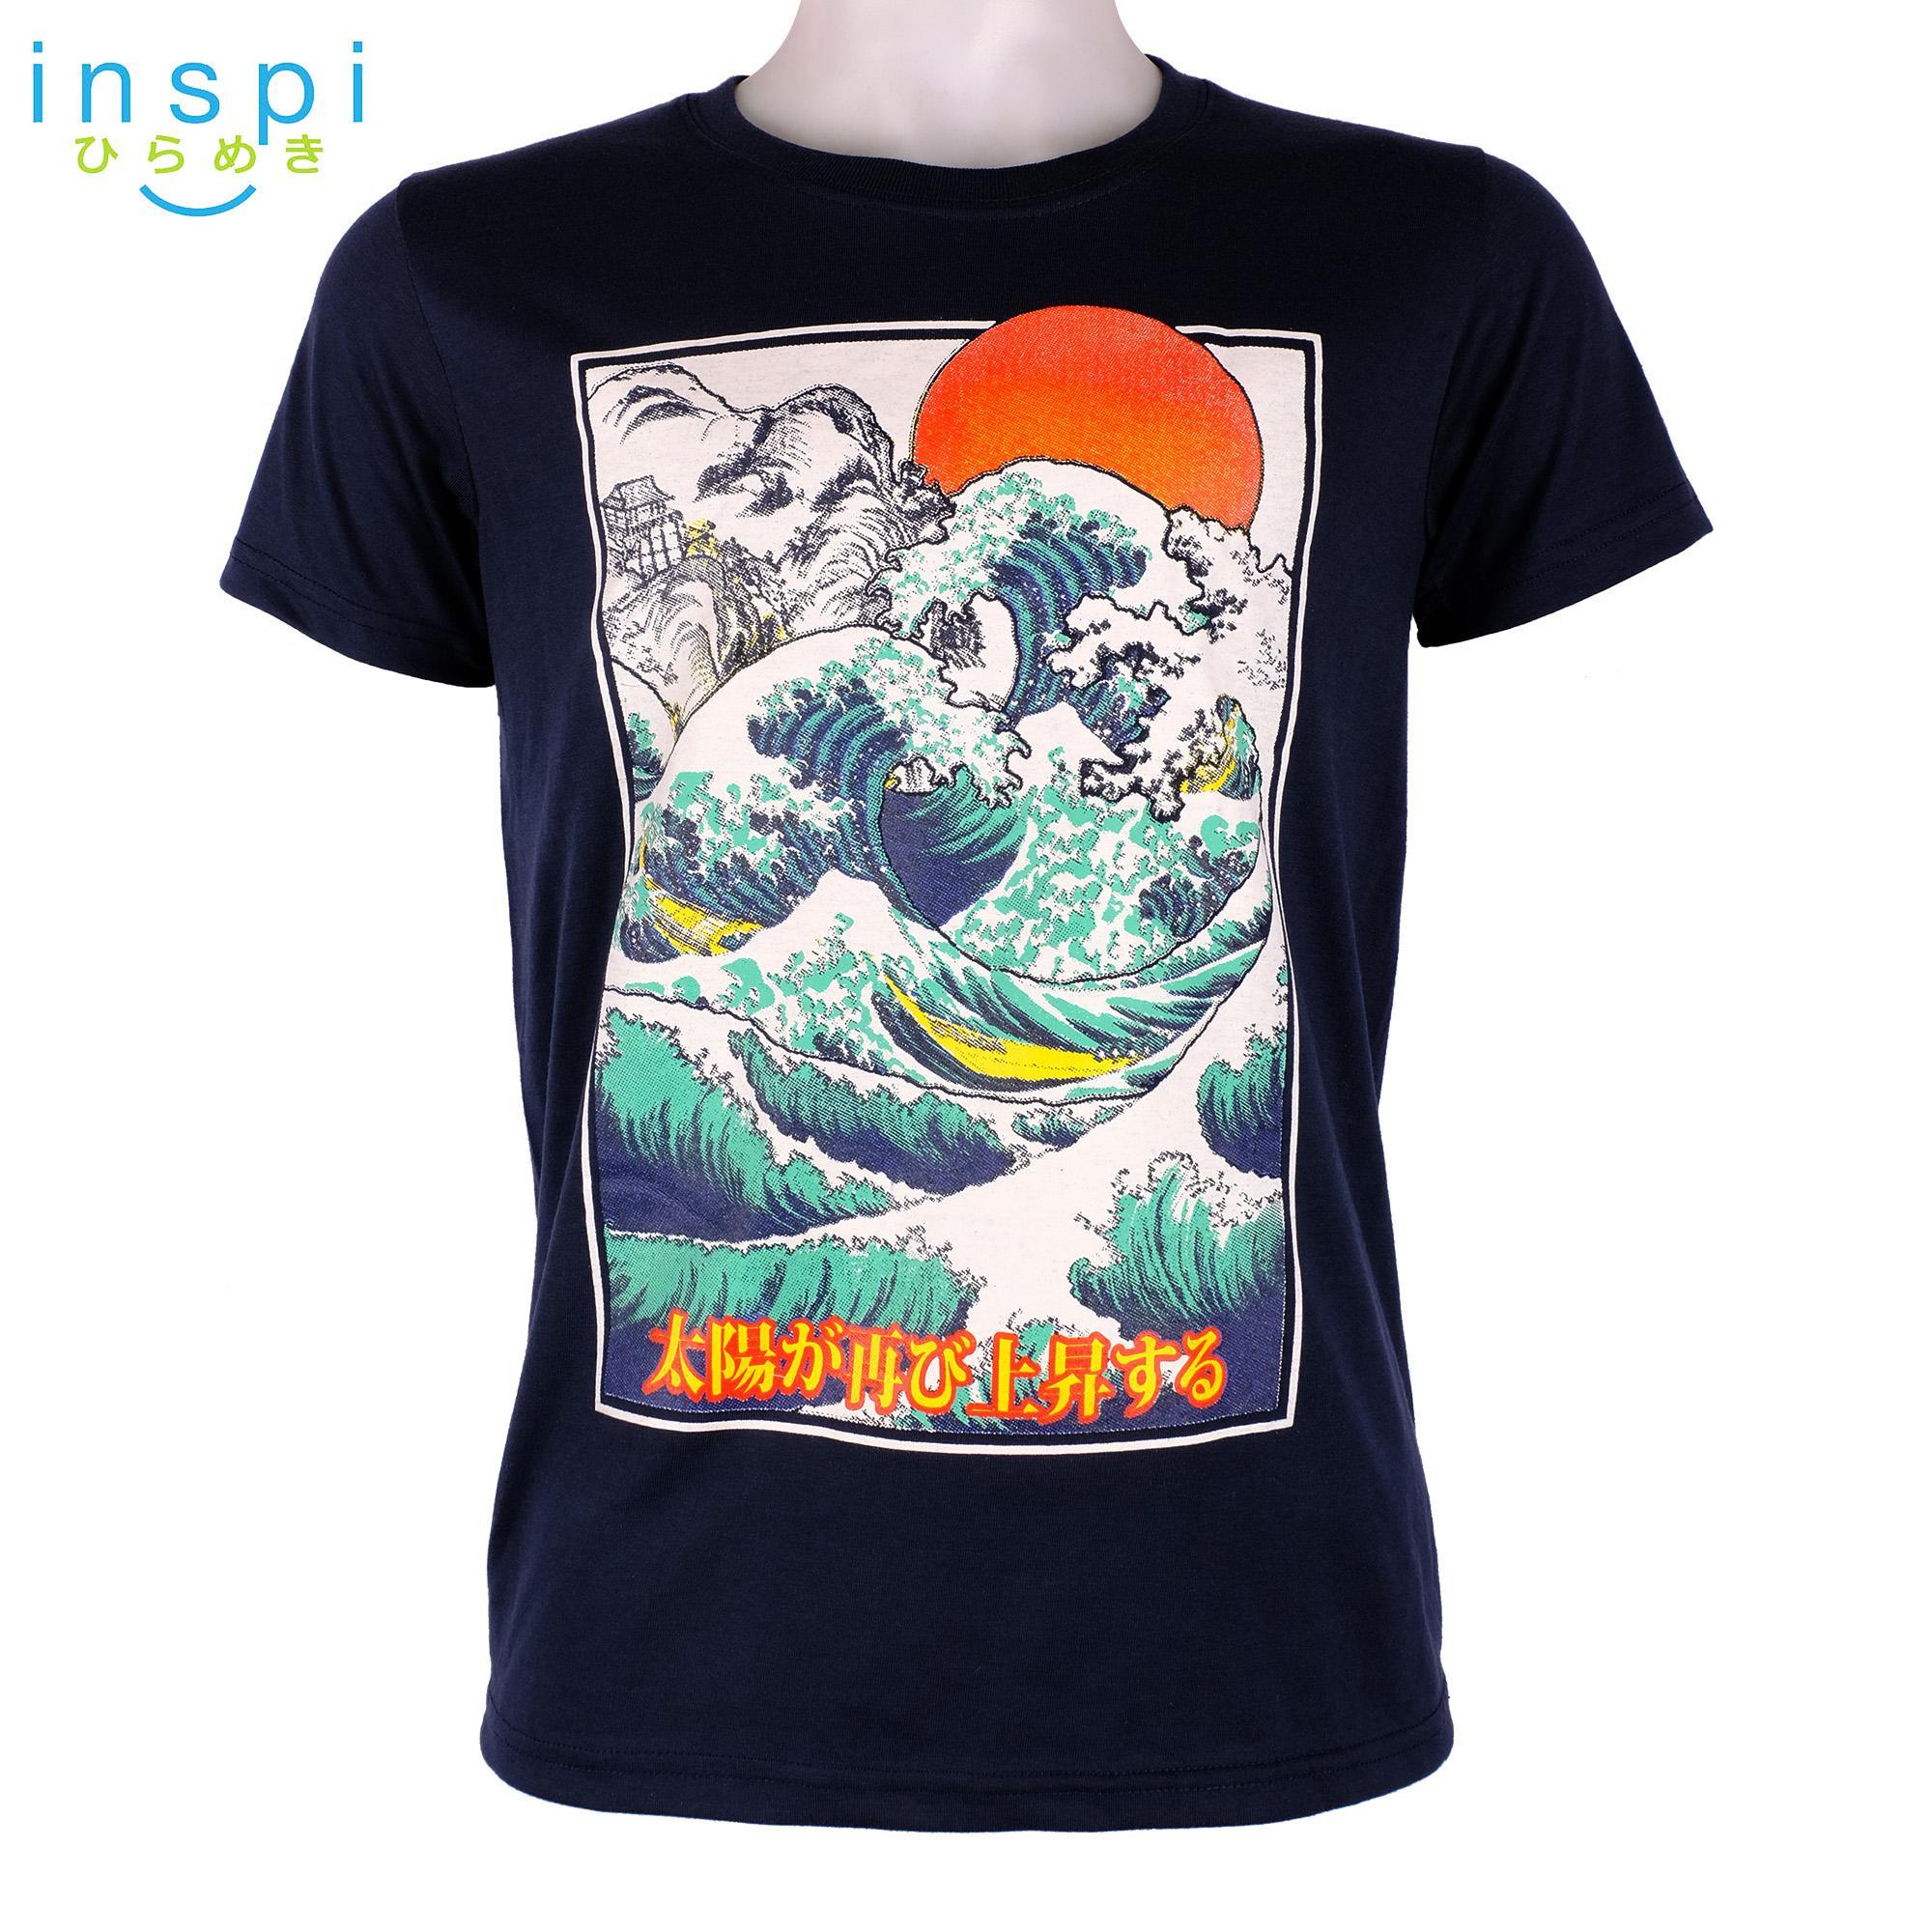 a21b8f0f918b INSPI Tees Waves (Navy Blue) tshirt printed graphic tee Mens t shirt shirts  for